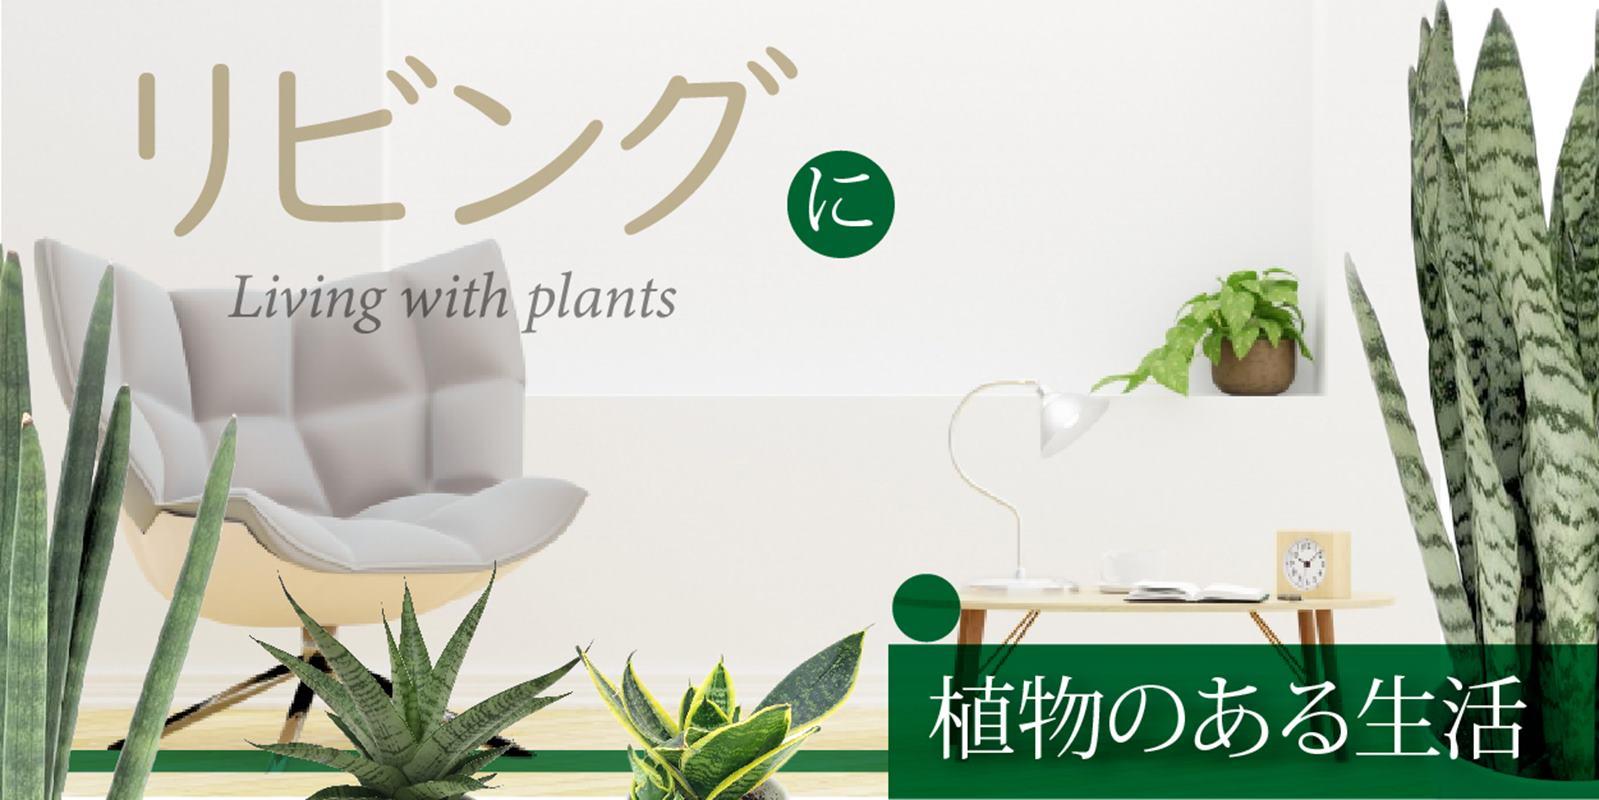 リビングで楽しむ植物